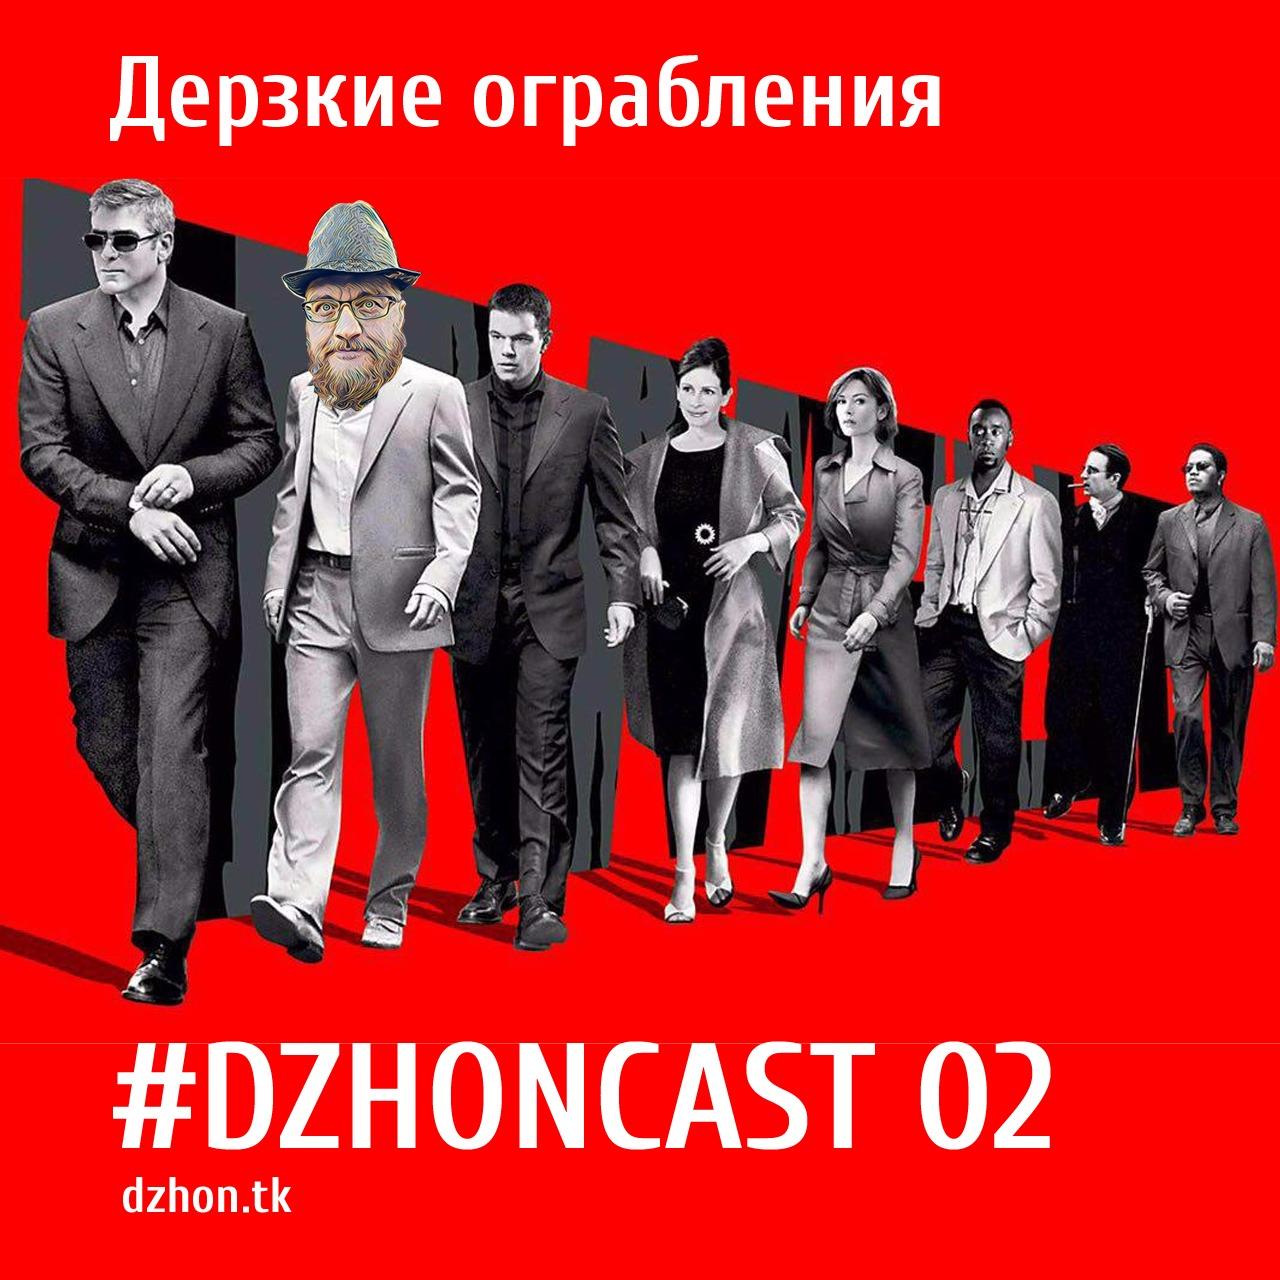 dzhoncast 02 - Дерзкие ограбления